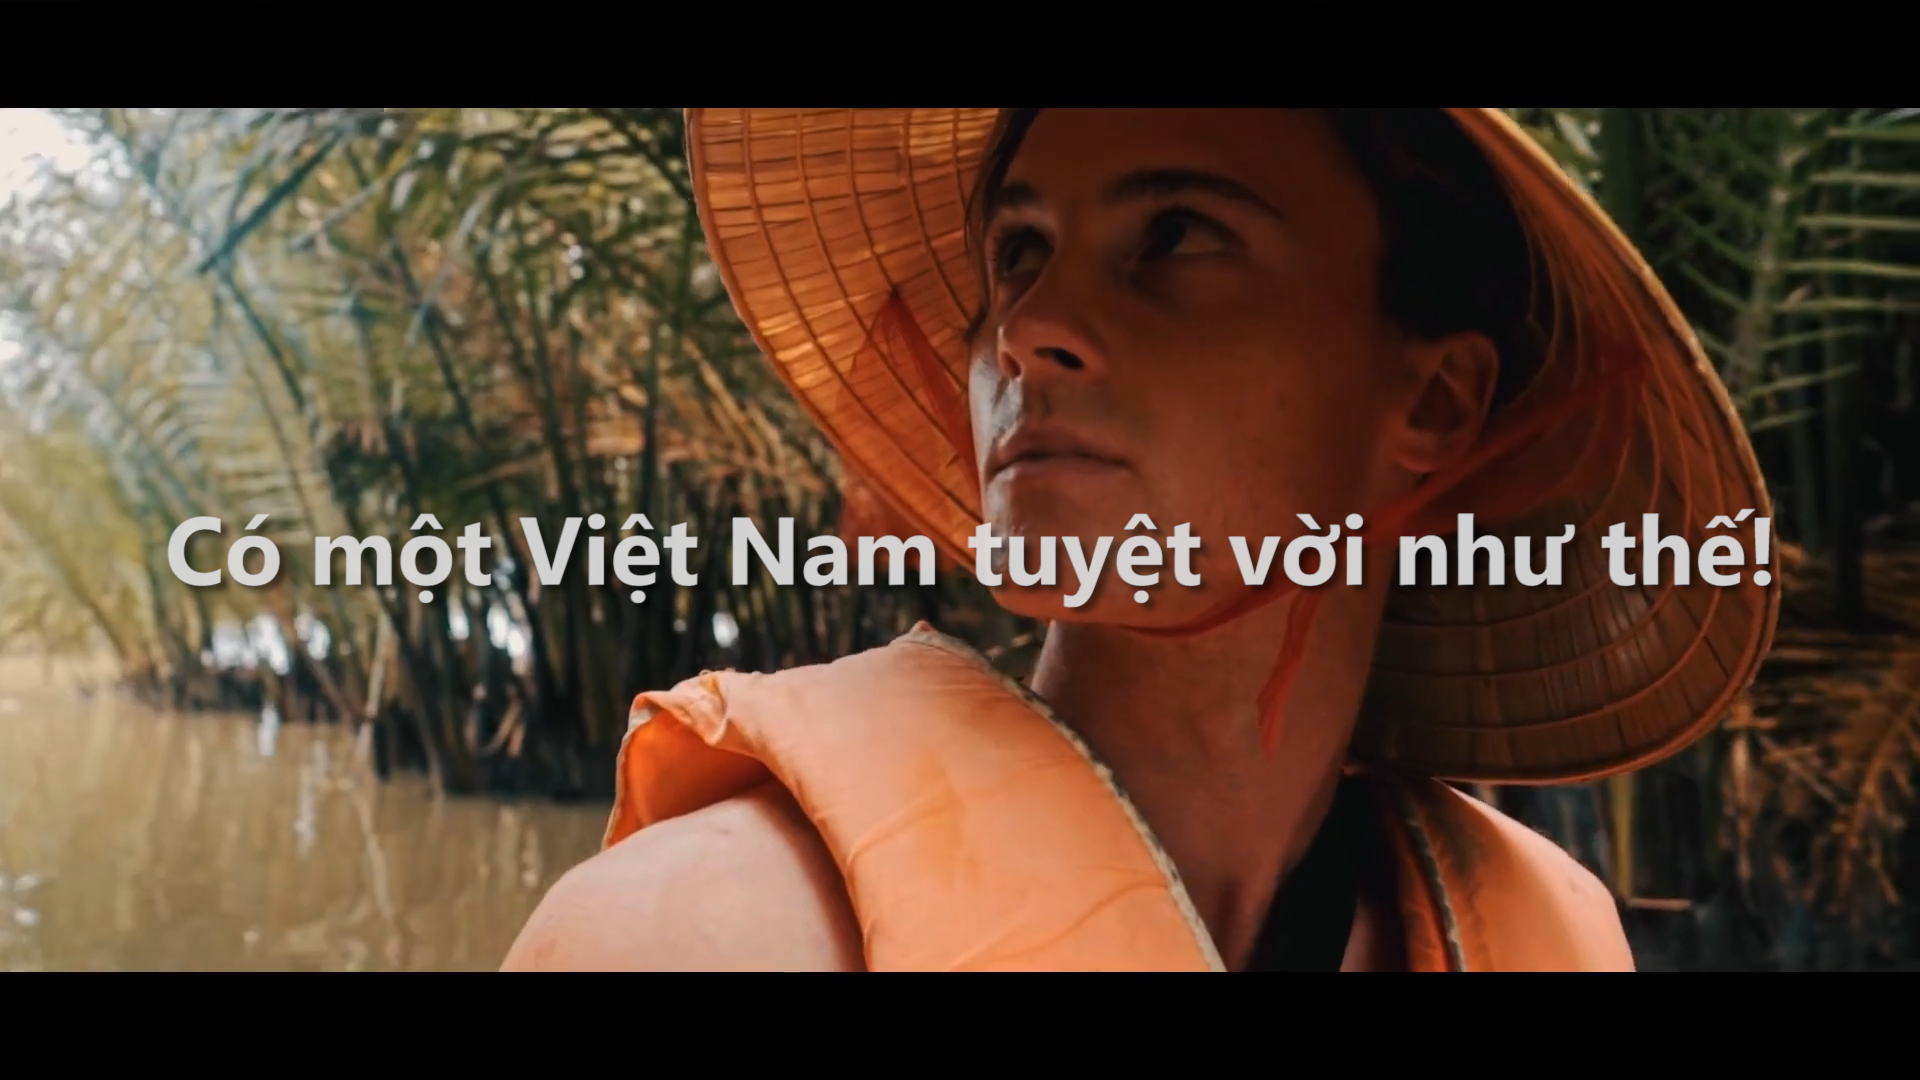 Có một Việt Nam tuyệt vời như thế